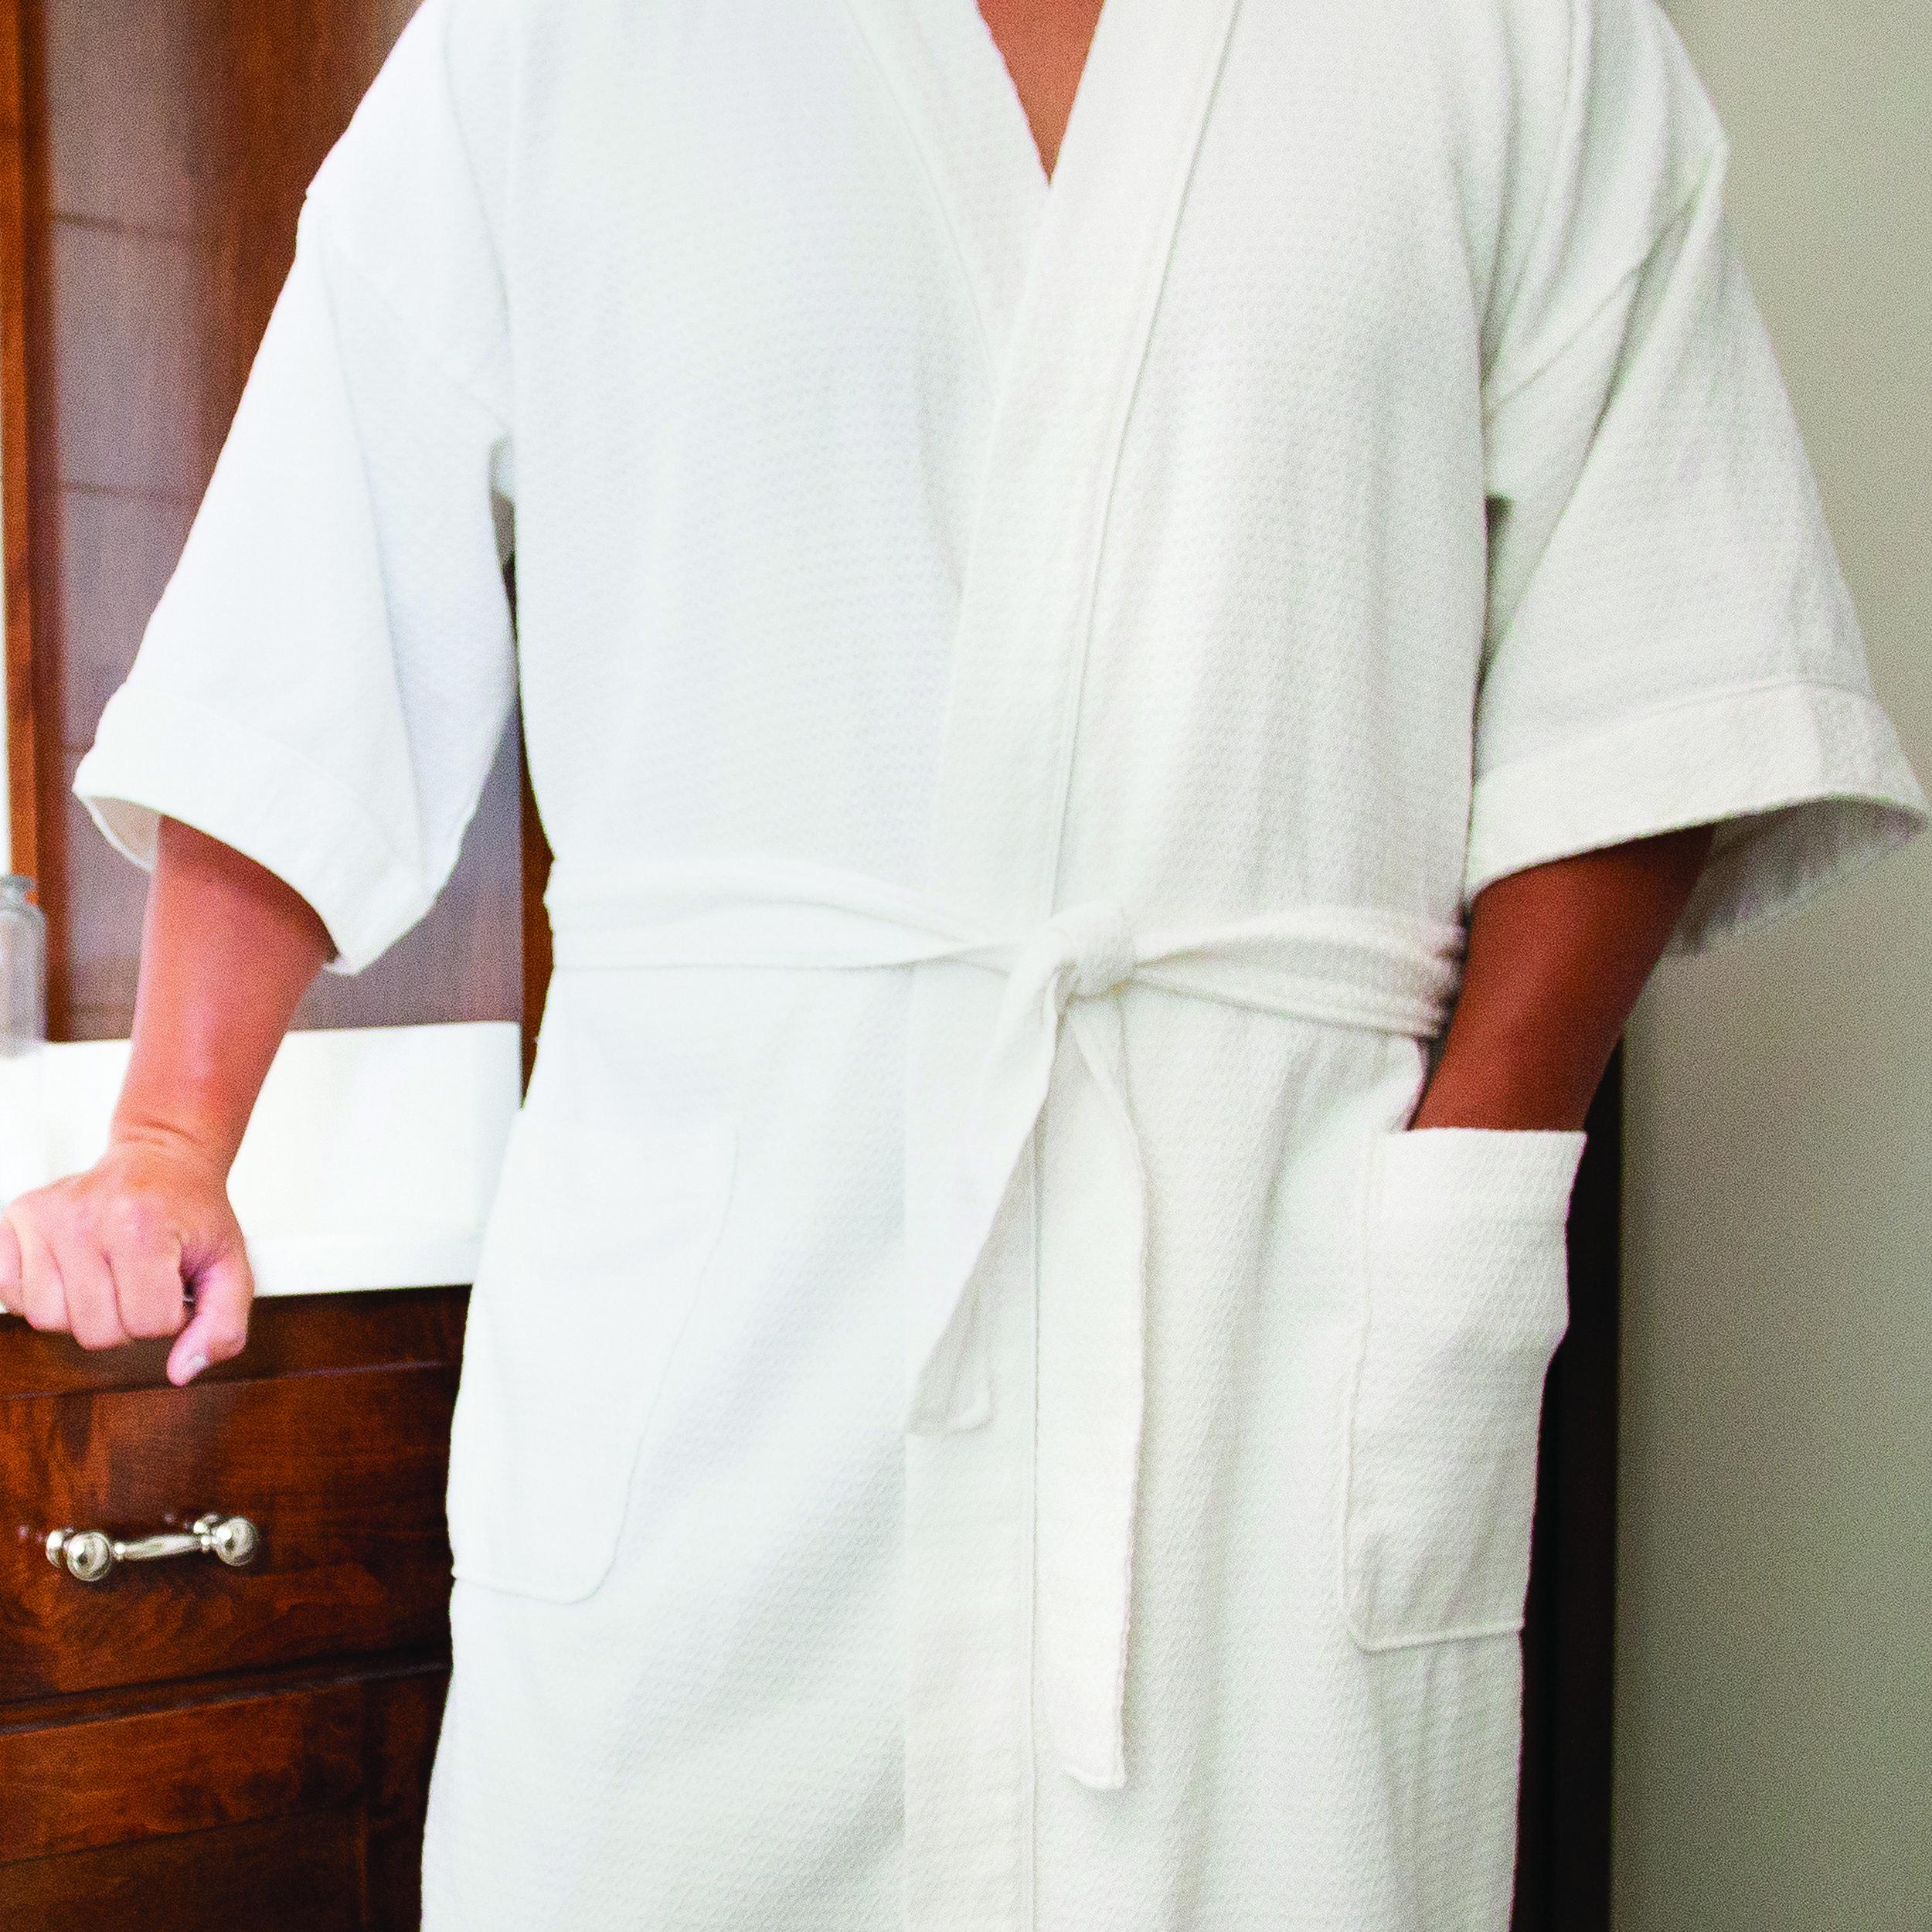 Kimono Robe - 65/35 POLY/CTN WHITE DIAMOND WEAVE